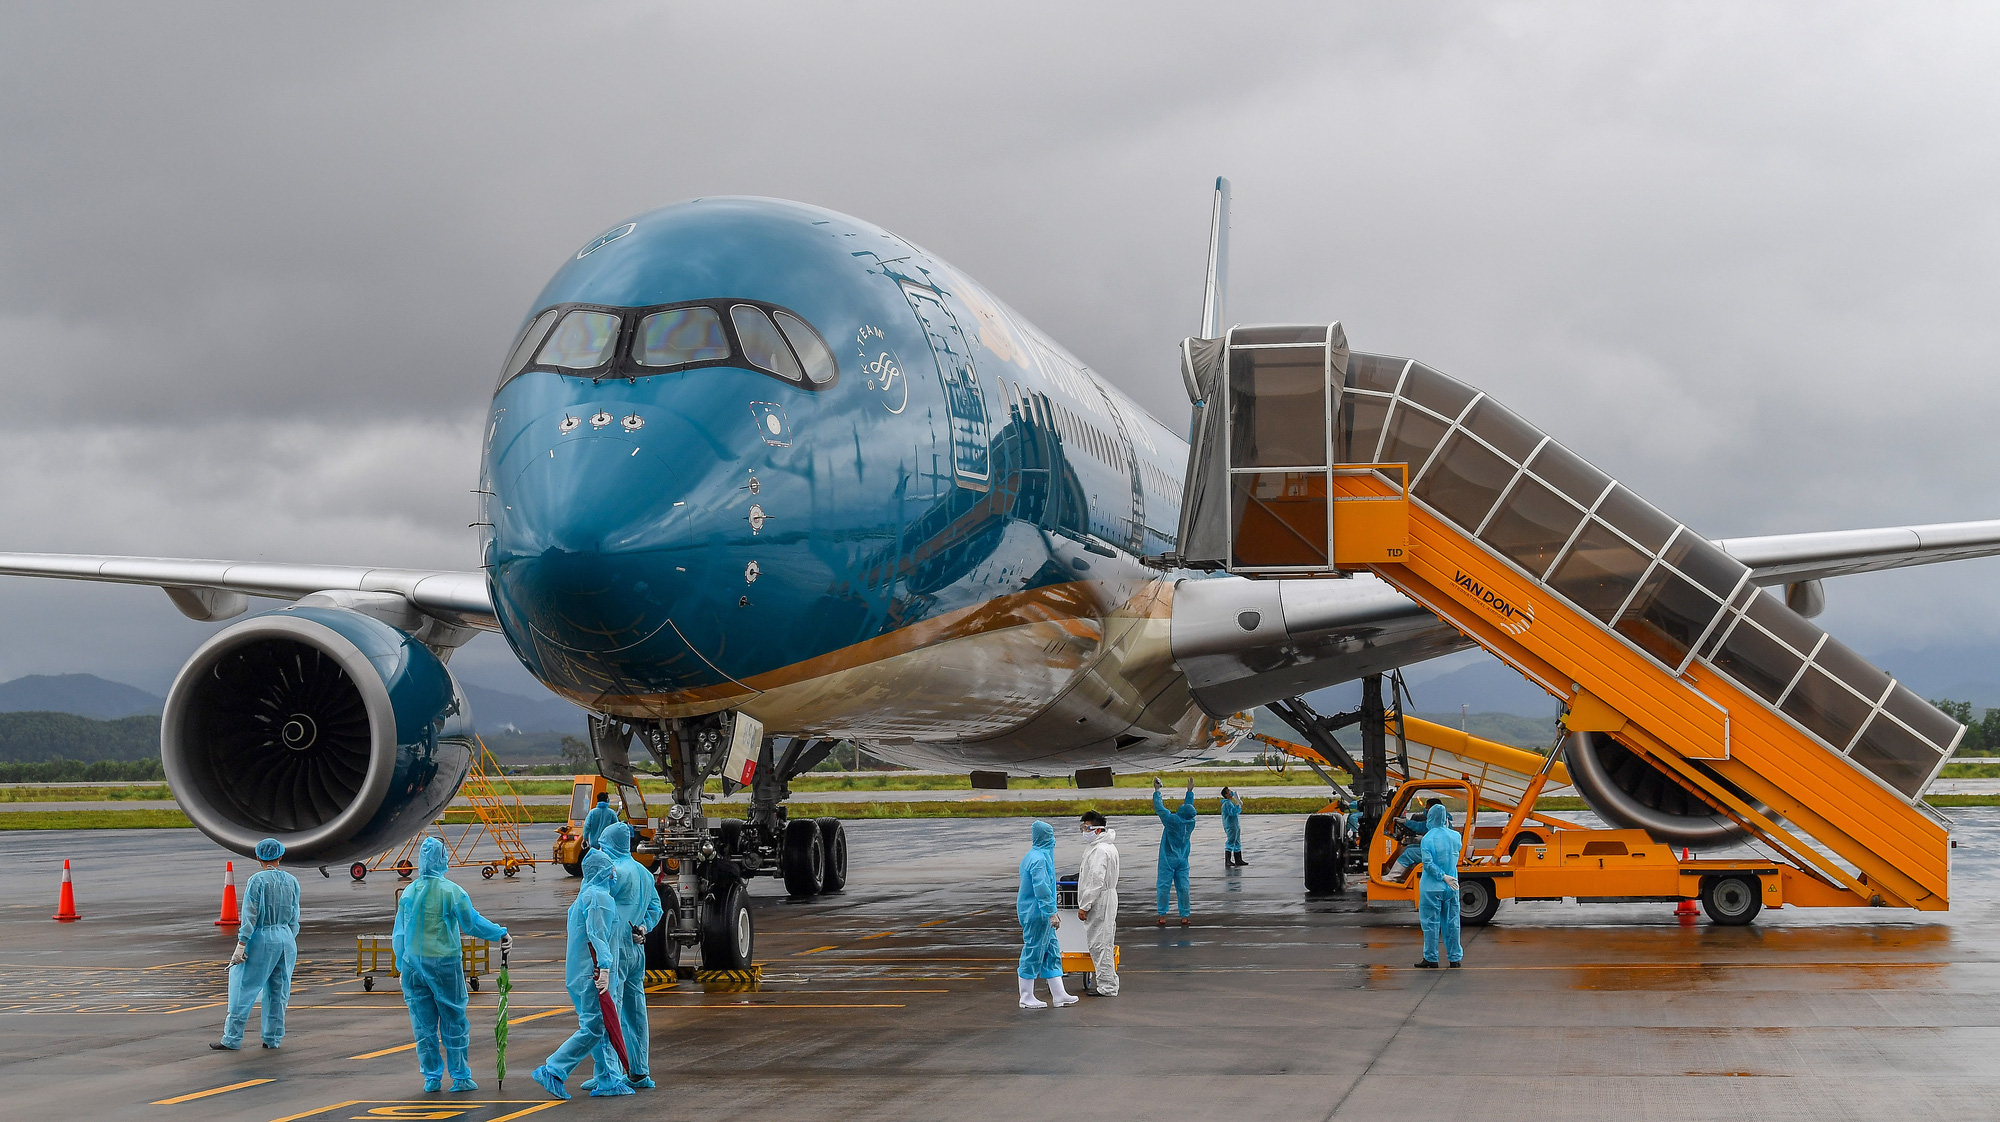 Dịch Covid-19 tại Hải Dương: Sân bay Vân Đồn sẽ tiếp tục đóng cửa - Ảnh 1.